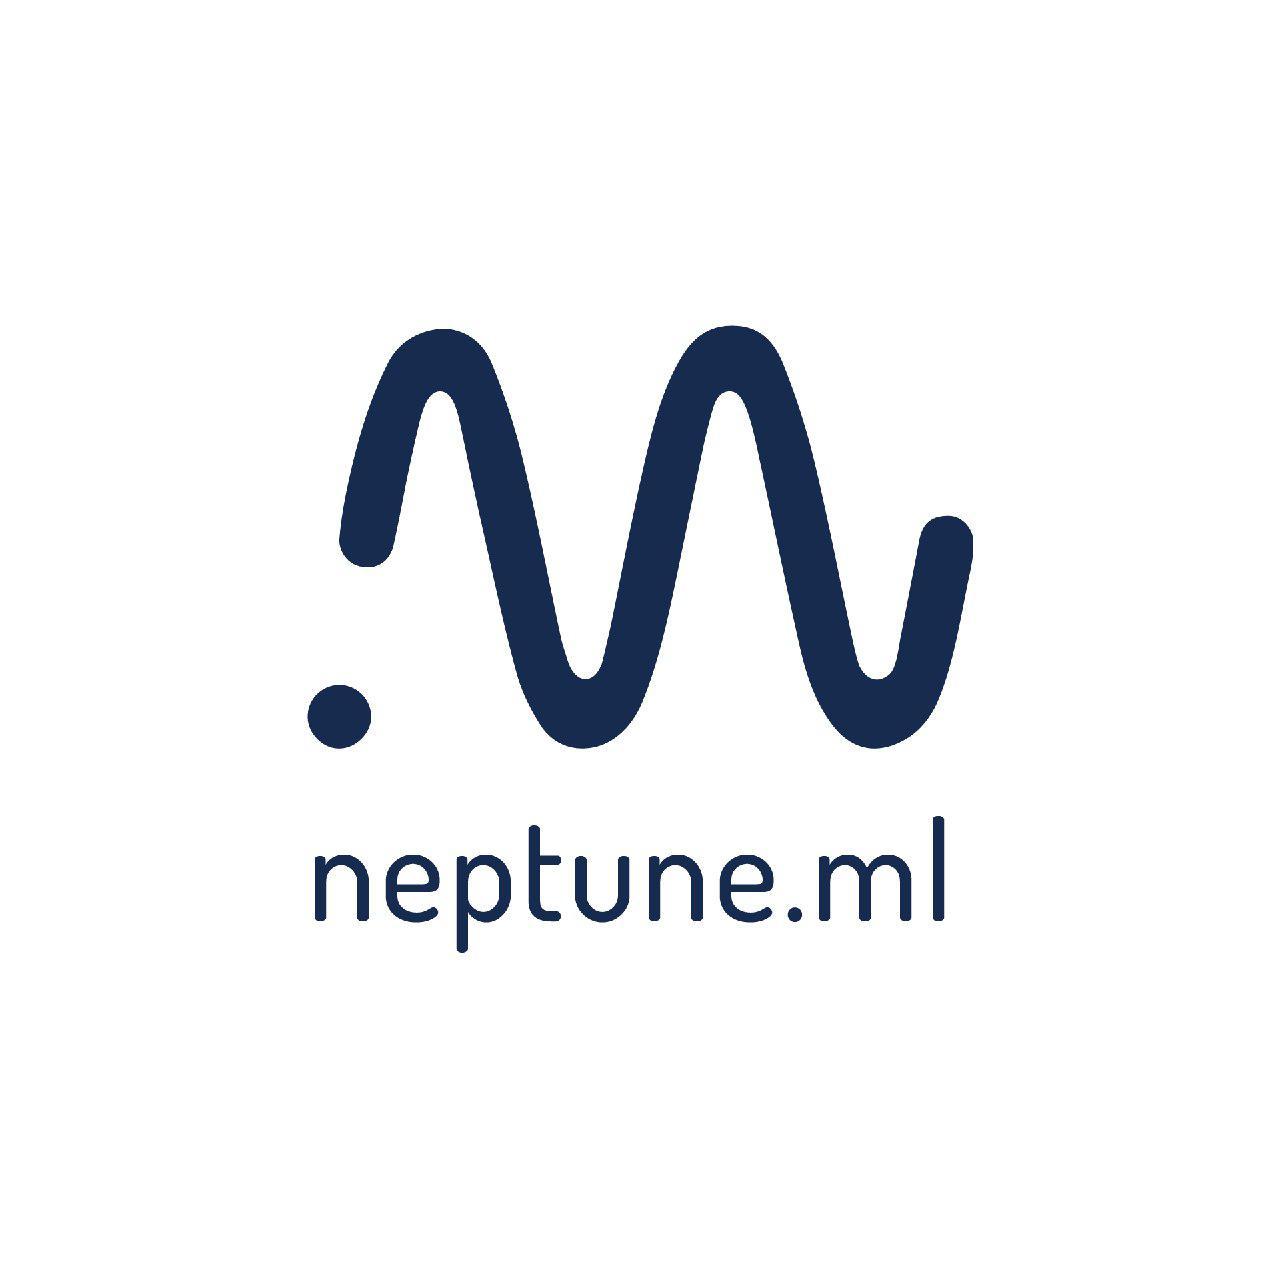 Neptune.ml